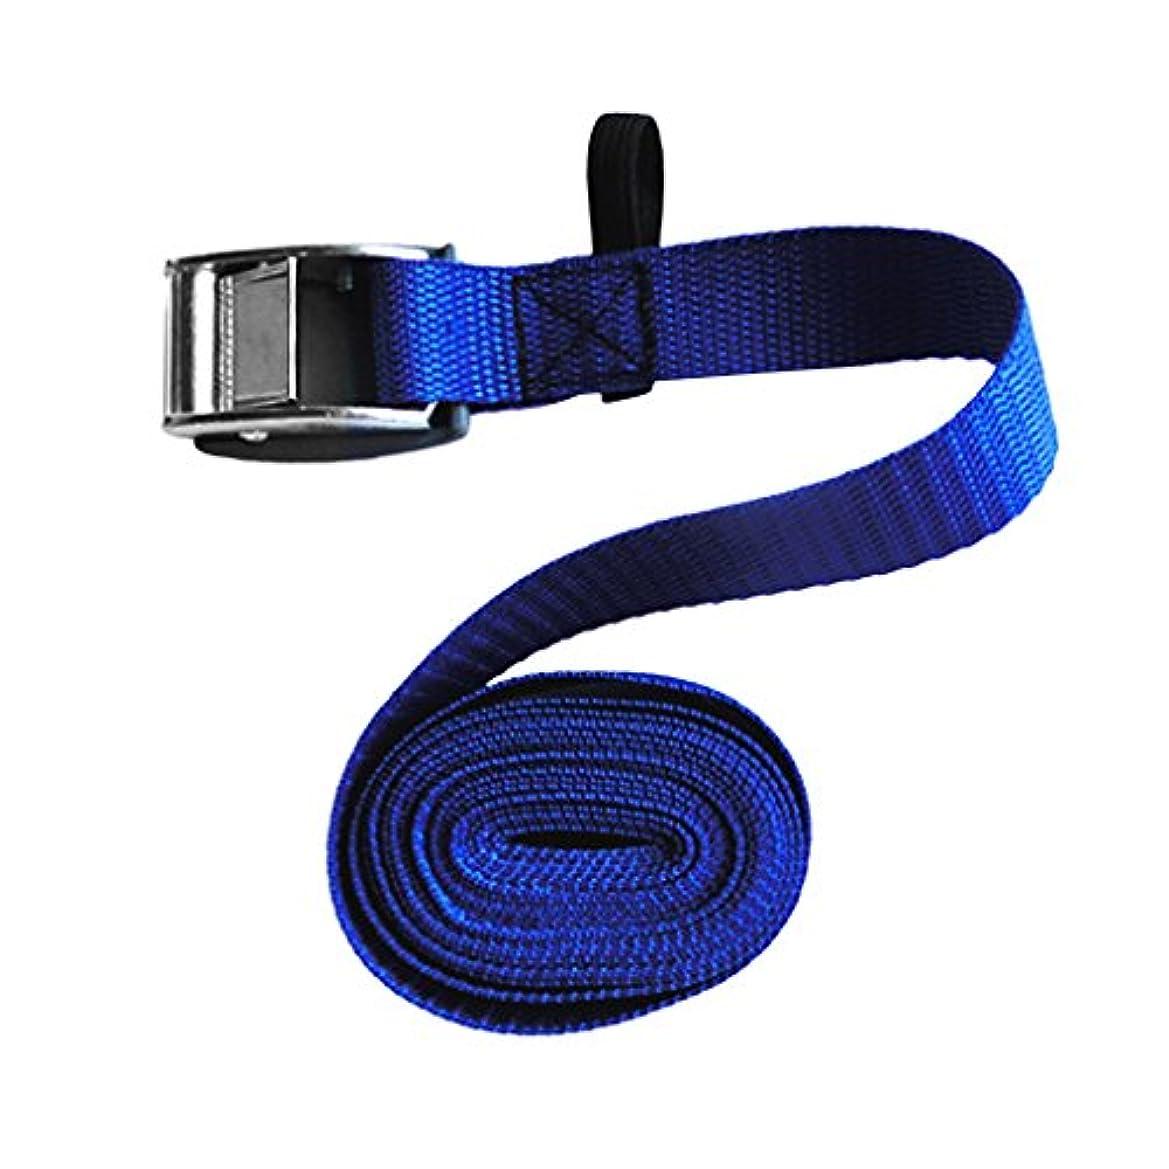 説得力のある移行するギャングF Fityle 亜鉛合金 カヌー サーフボード カヤック カムバックル PVC 保護カバー ストラップ ブルー 3長さ選択